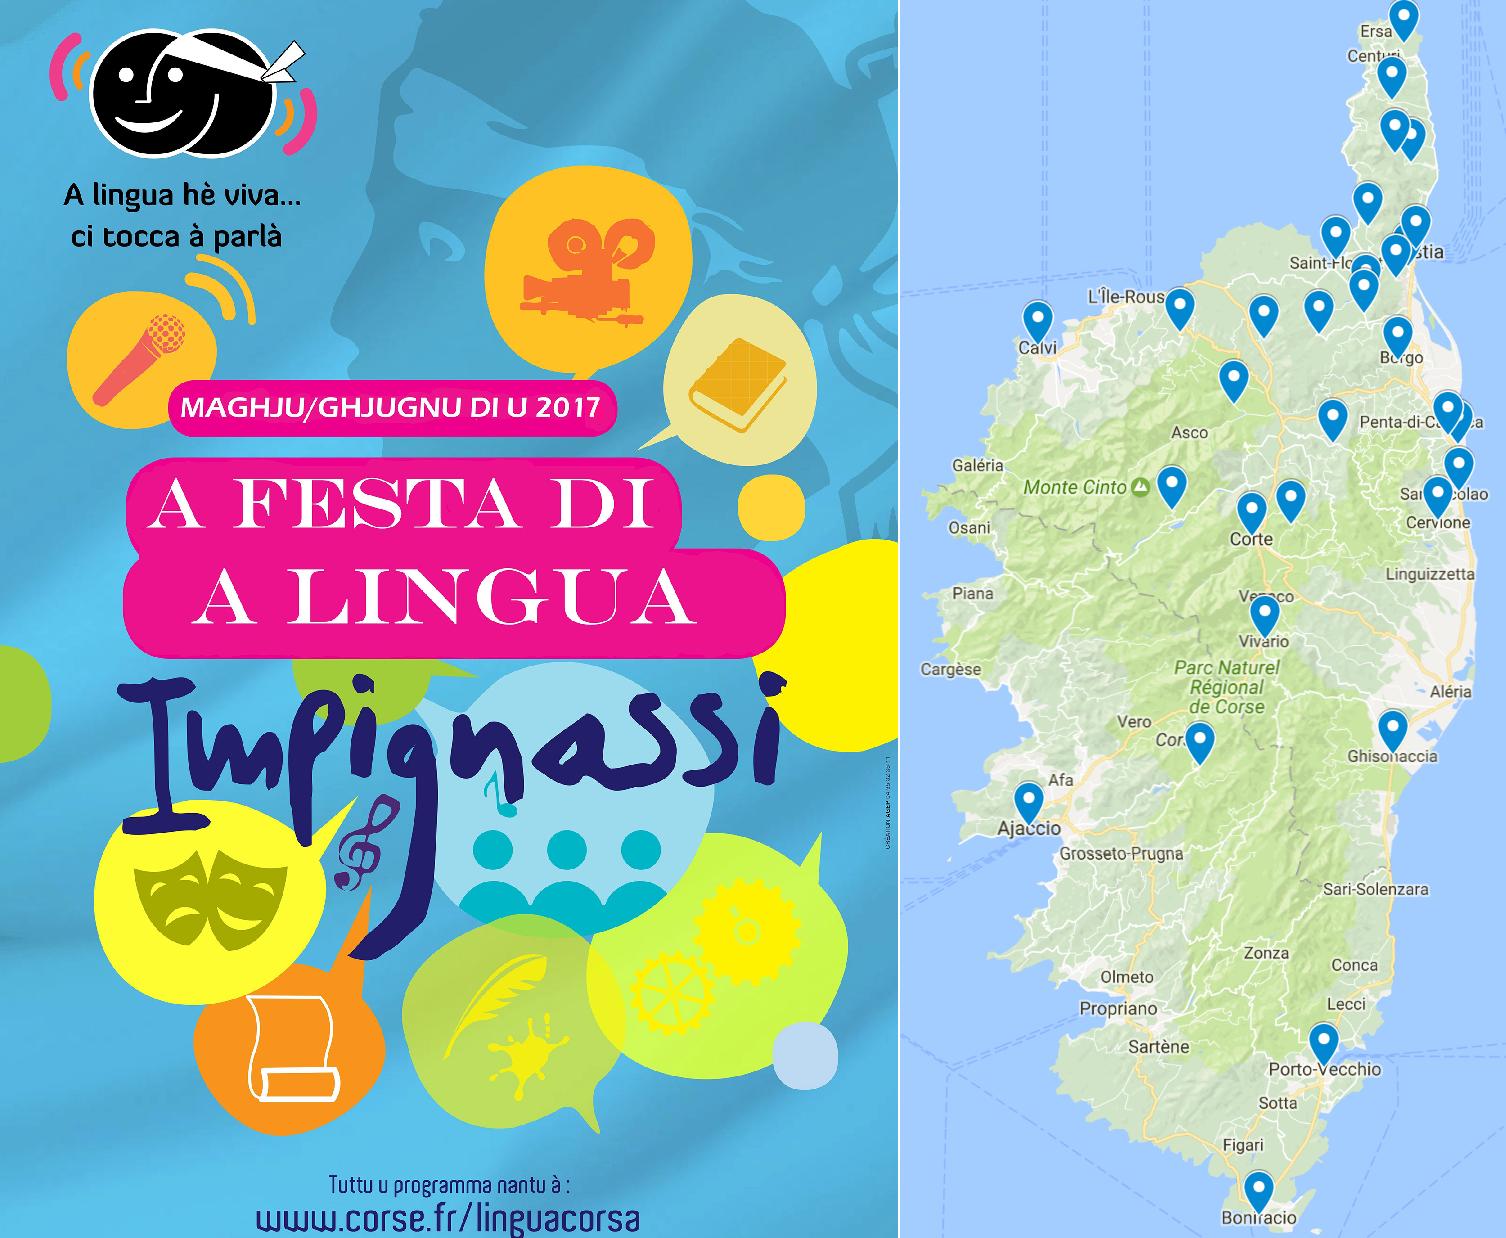 Festa di a lingua : Une centaine d'événements… presque tous en Haute-Corse